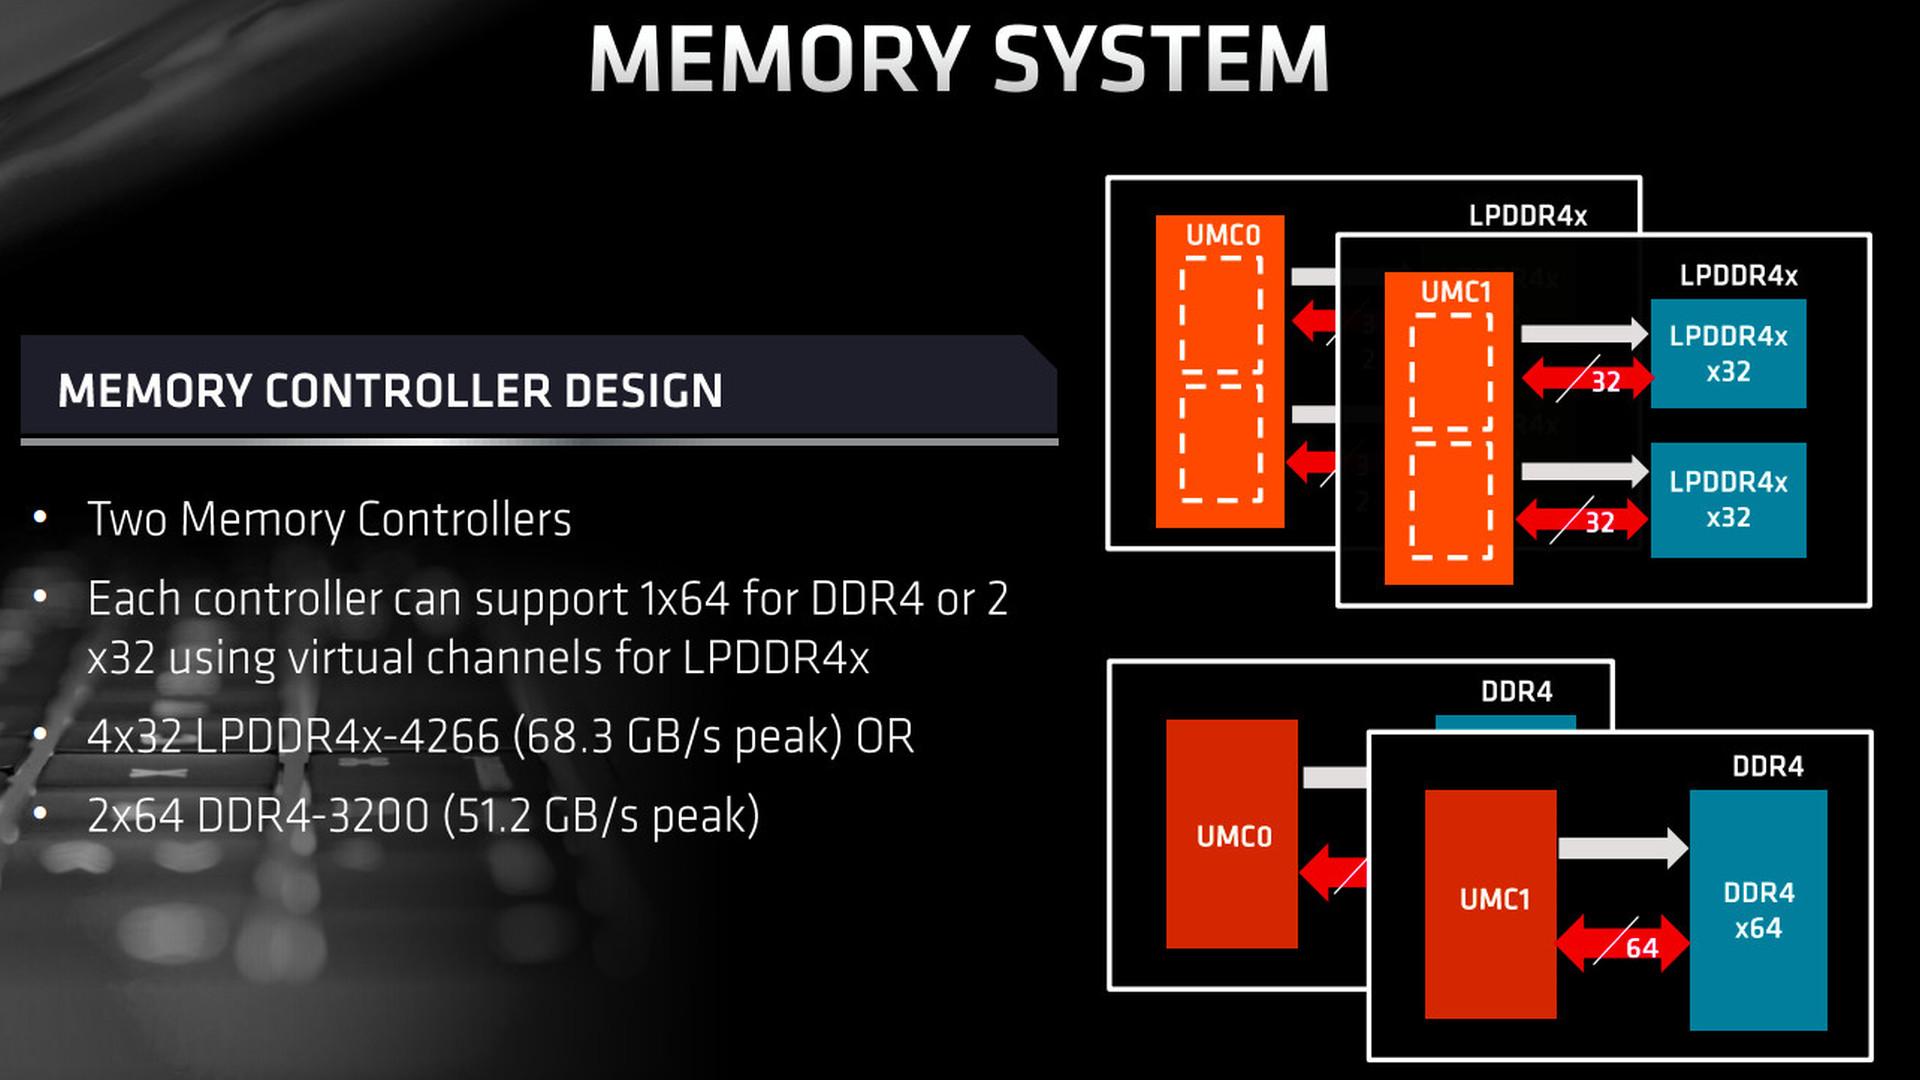 AMD Mobile MemoryController